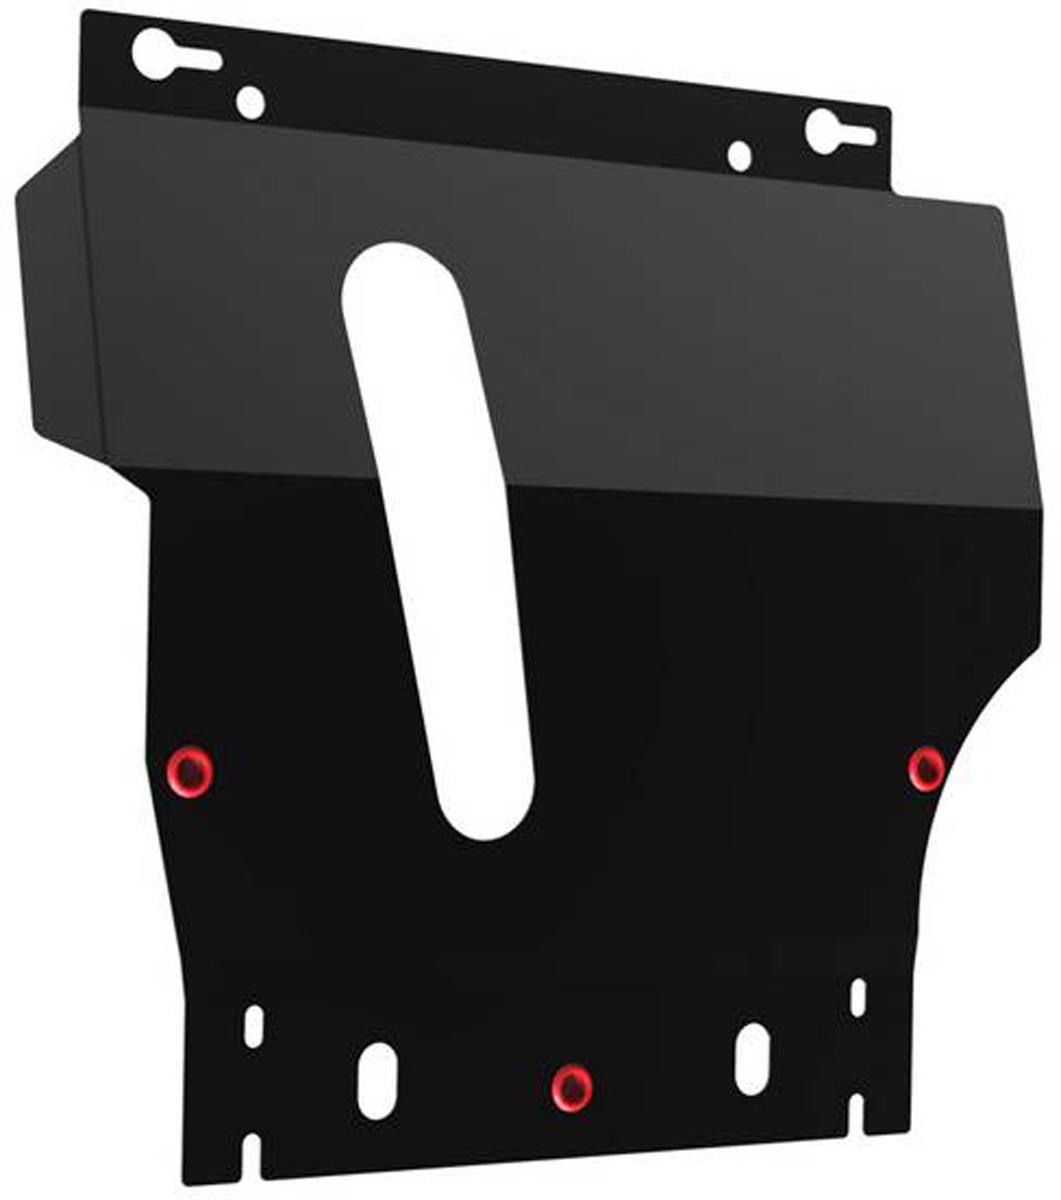 Защита картера и КПП Автоброня Nissan Micra 2005-2010, сталь 2 мм111.04102.1Защита картера и КПП Автоброня Nissan Micra, V - 1,2; 1,4 2005-2010, сталь 2 мм, комплект крепежа, 111.04102.1Стальные защиты Автоброня надежно защищают ваш автомобиль от повреждений при наезде на бордюры, выступающие канализационные люки, кромки поврежденного асфальта или при ремонте дорог, не говоря уже о загородных дорогах. - Имеют оптимальное соотношение цена-качество. - Спроектированы с учетом особенностей автомобиля, что делает установку удобной. - Защита устанавливается в штатные места кузова автомобиля. - Является надежной защитой для важных элементов на протяжении долгих лет. - Глубокий штамп дополнительно усиливает конструкцию защиты. - Подштамповка в местах крепления защищает крепеж от срезания. - Технологические отверстия там, где они необходимы для смены масла и слива воды, оборудованные заглушками, закрепленными на защите. Толщина стали 2 мм. В комплекте крепеж и инструкция по установке.